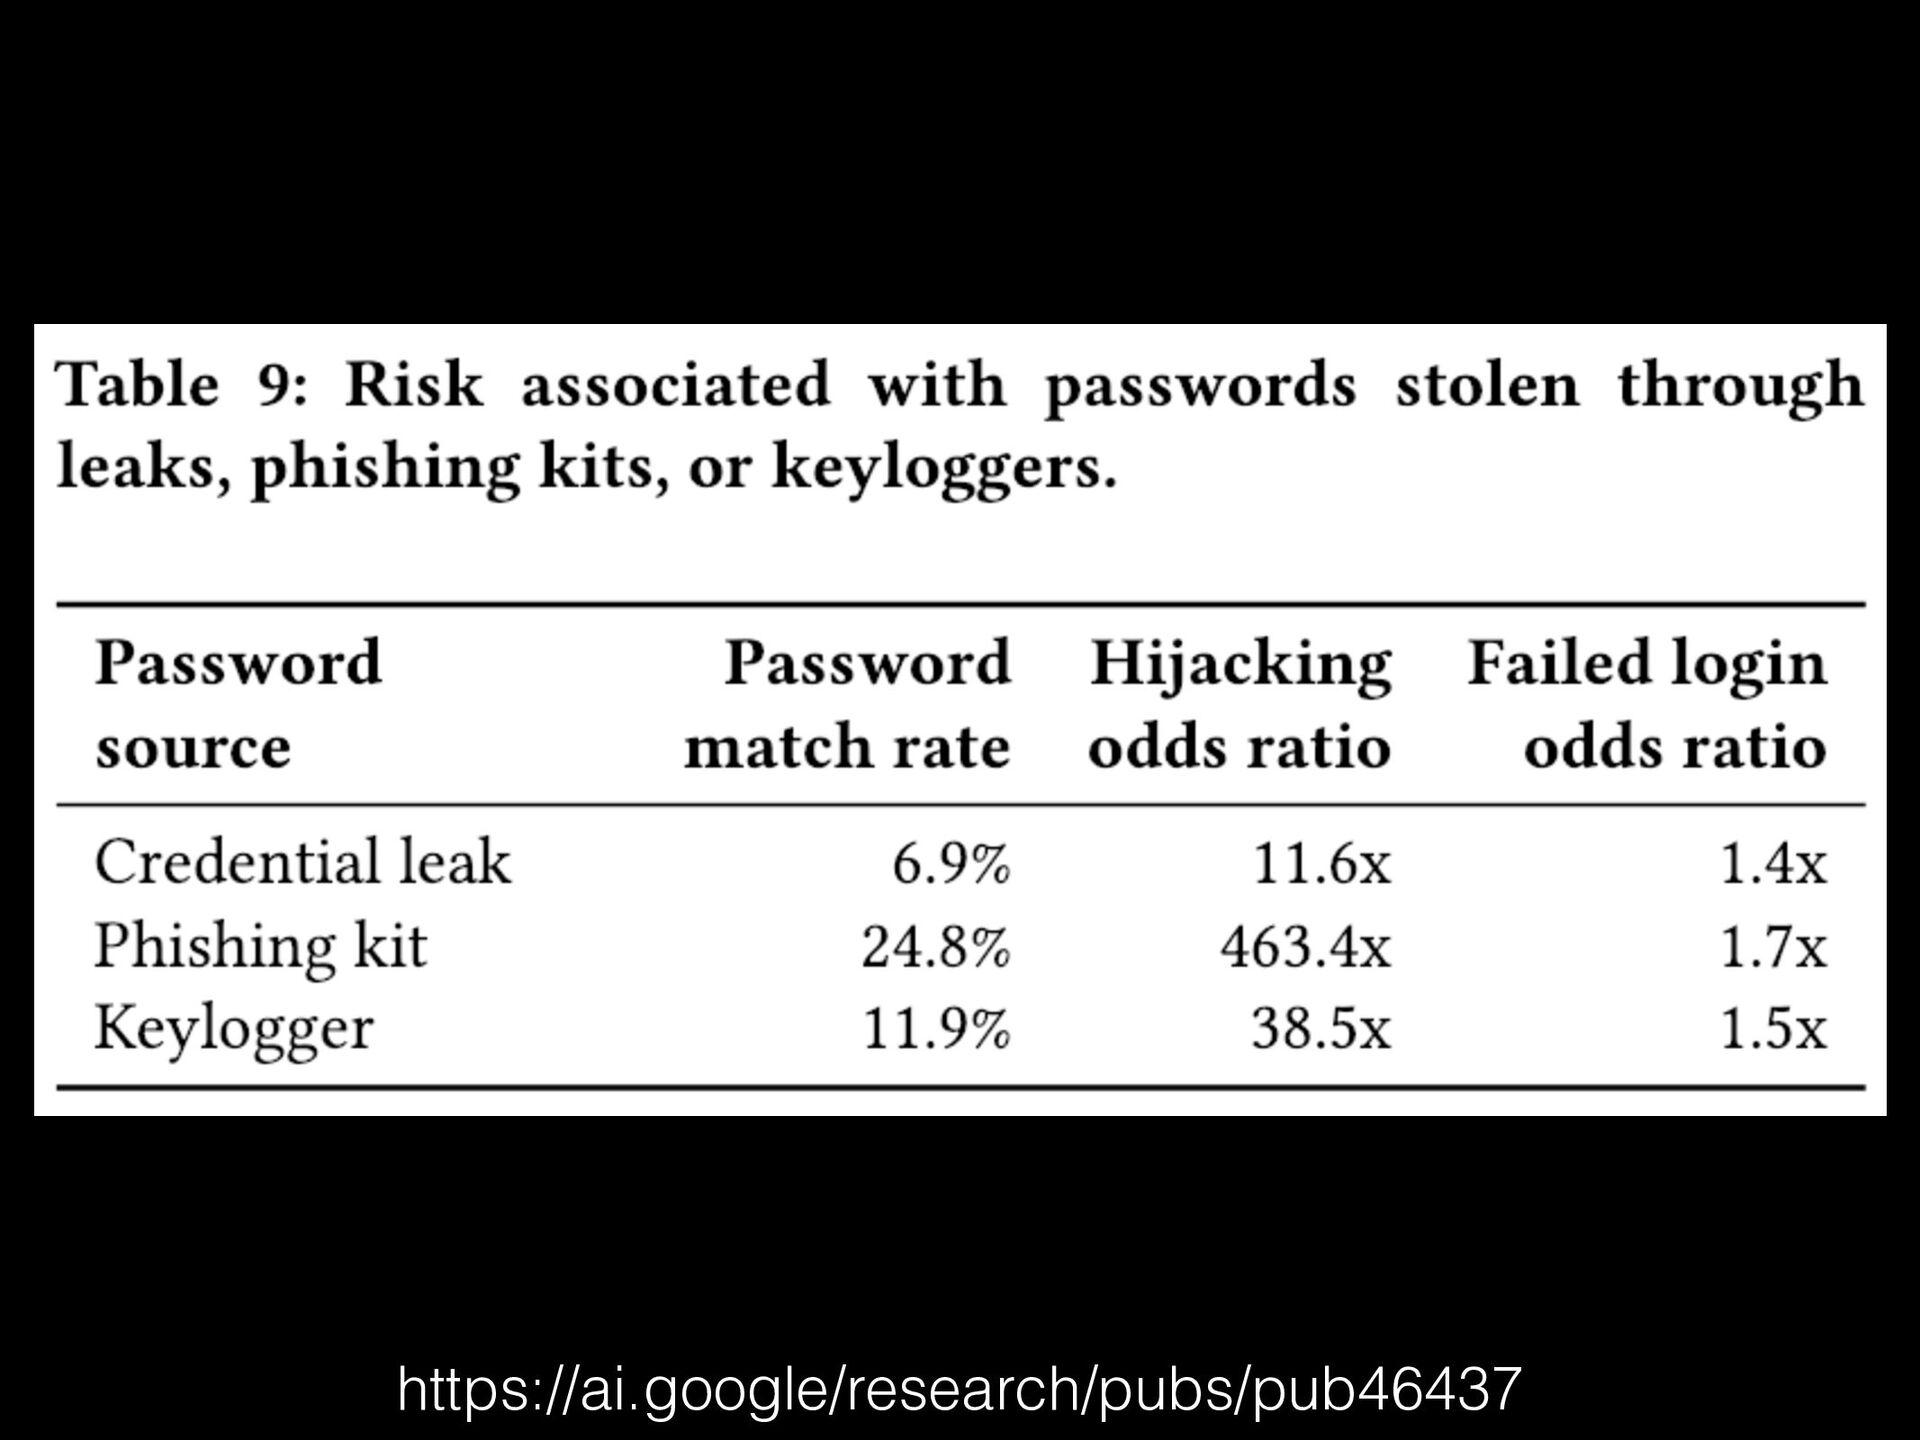 https://www.cbsnews.com/news/the-phishing-email...